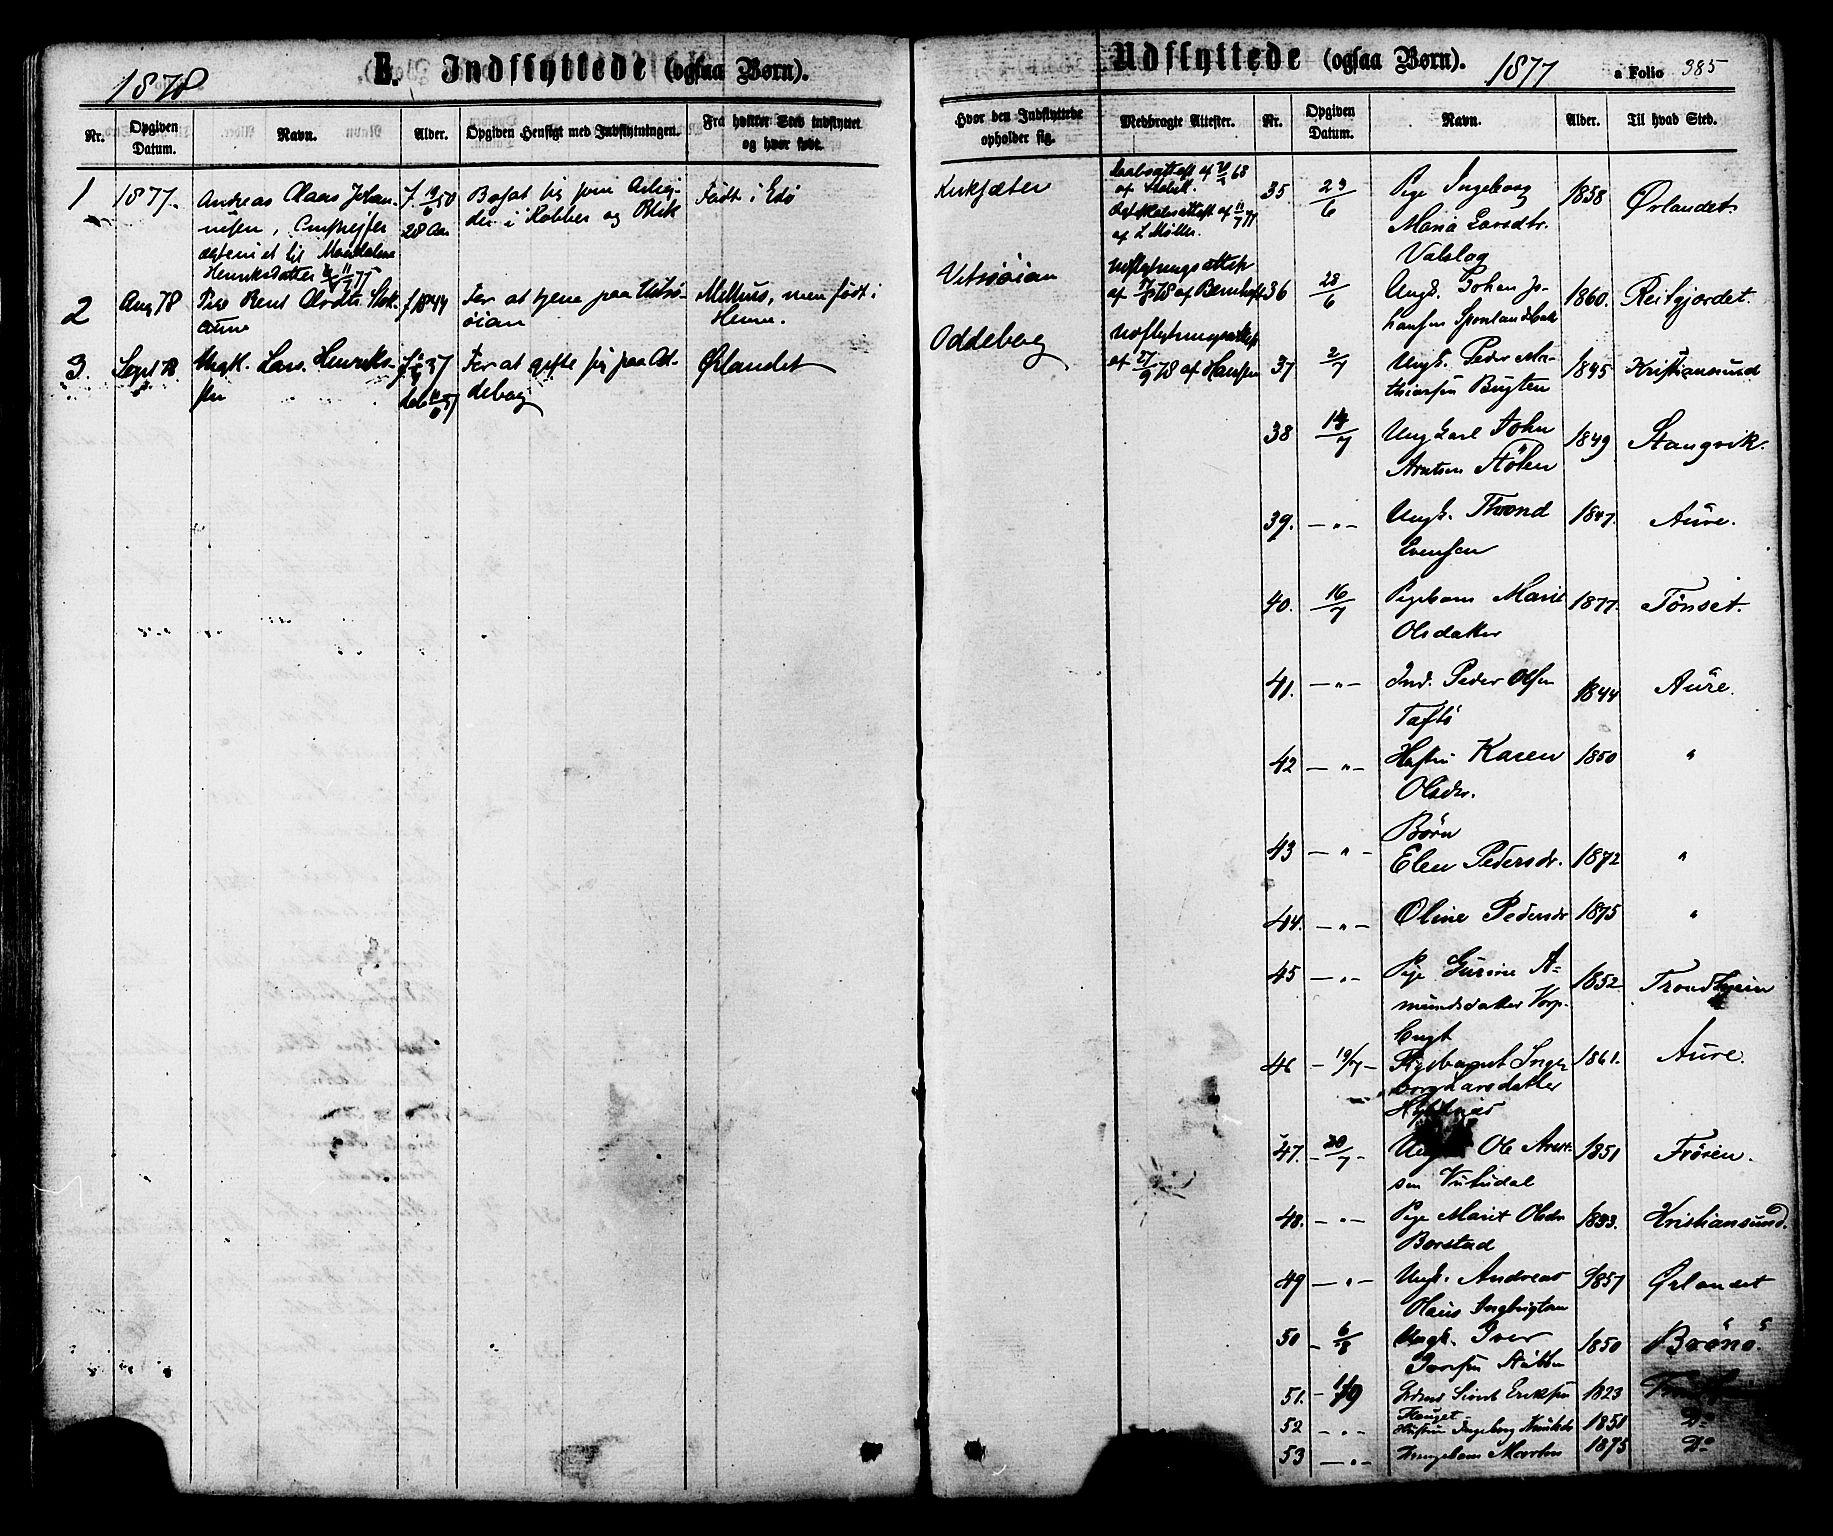 SAT, Ministerialprotokoller, klokkerbøker og fødselsregistre - Sør-Trøndelag, 630/L0495: Ministerialbok nr. 630A08, 1868-1878, s. 385